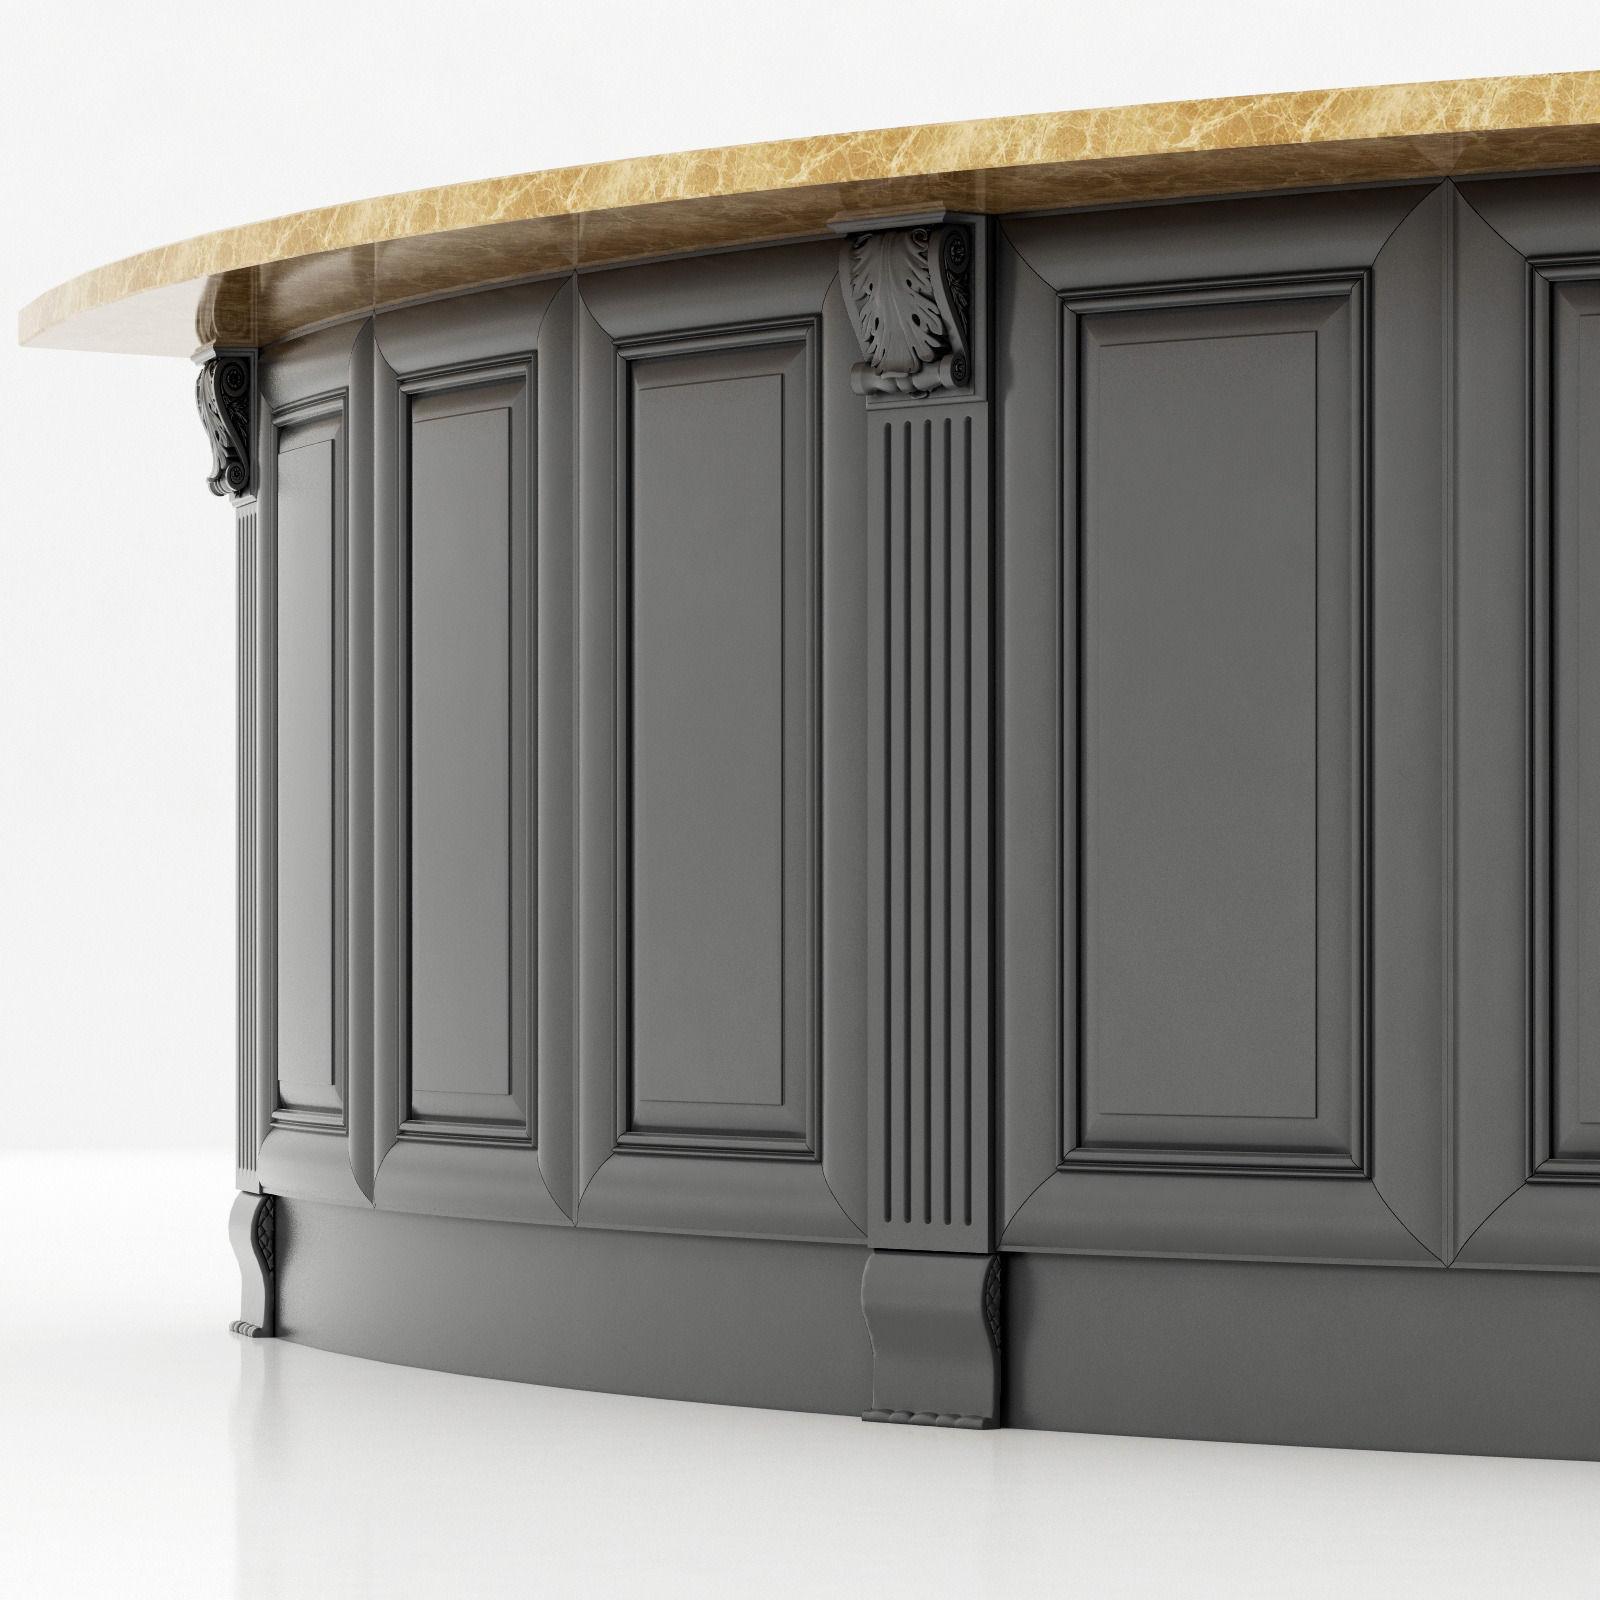 Kitchen island lyn design -  Kitchen Island Cabinet 3 3d Model Max Obj 3ds Fbx Mtl 2